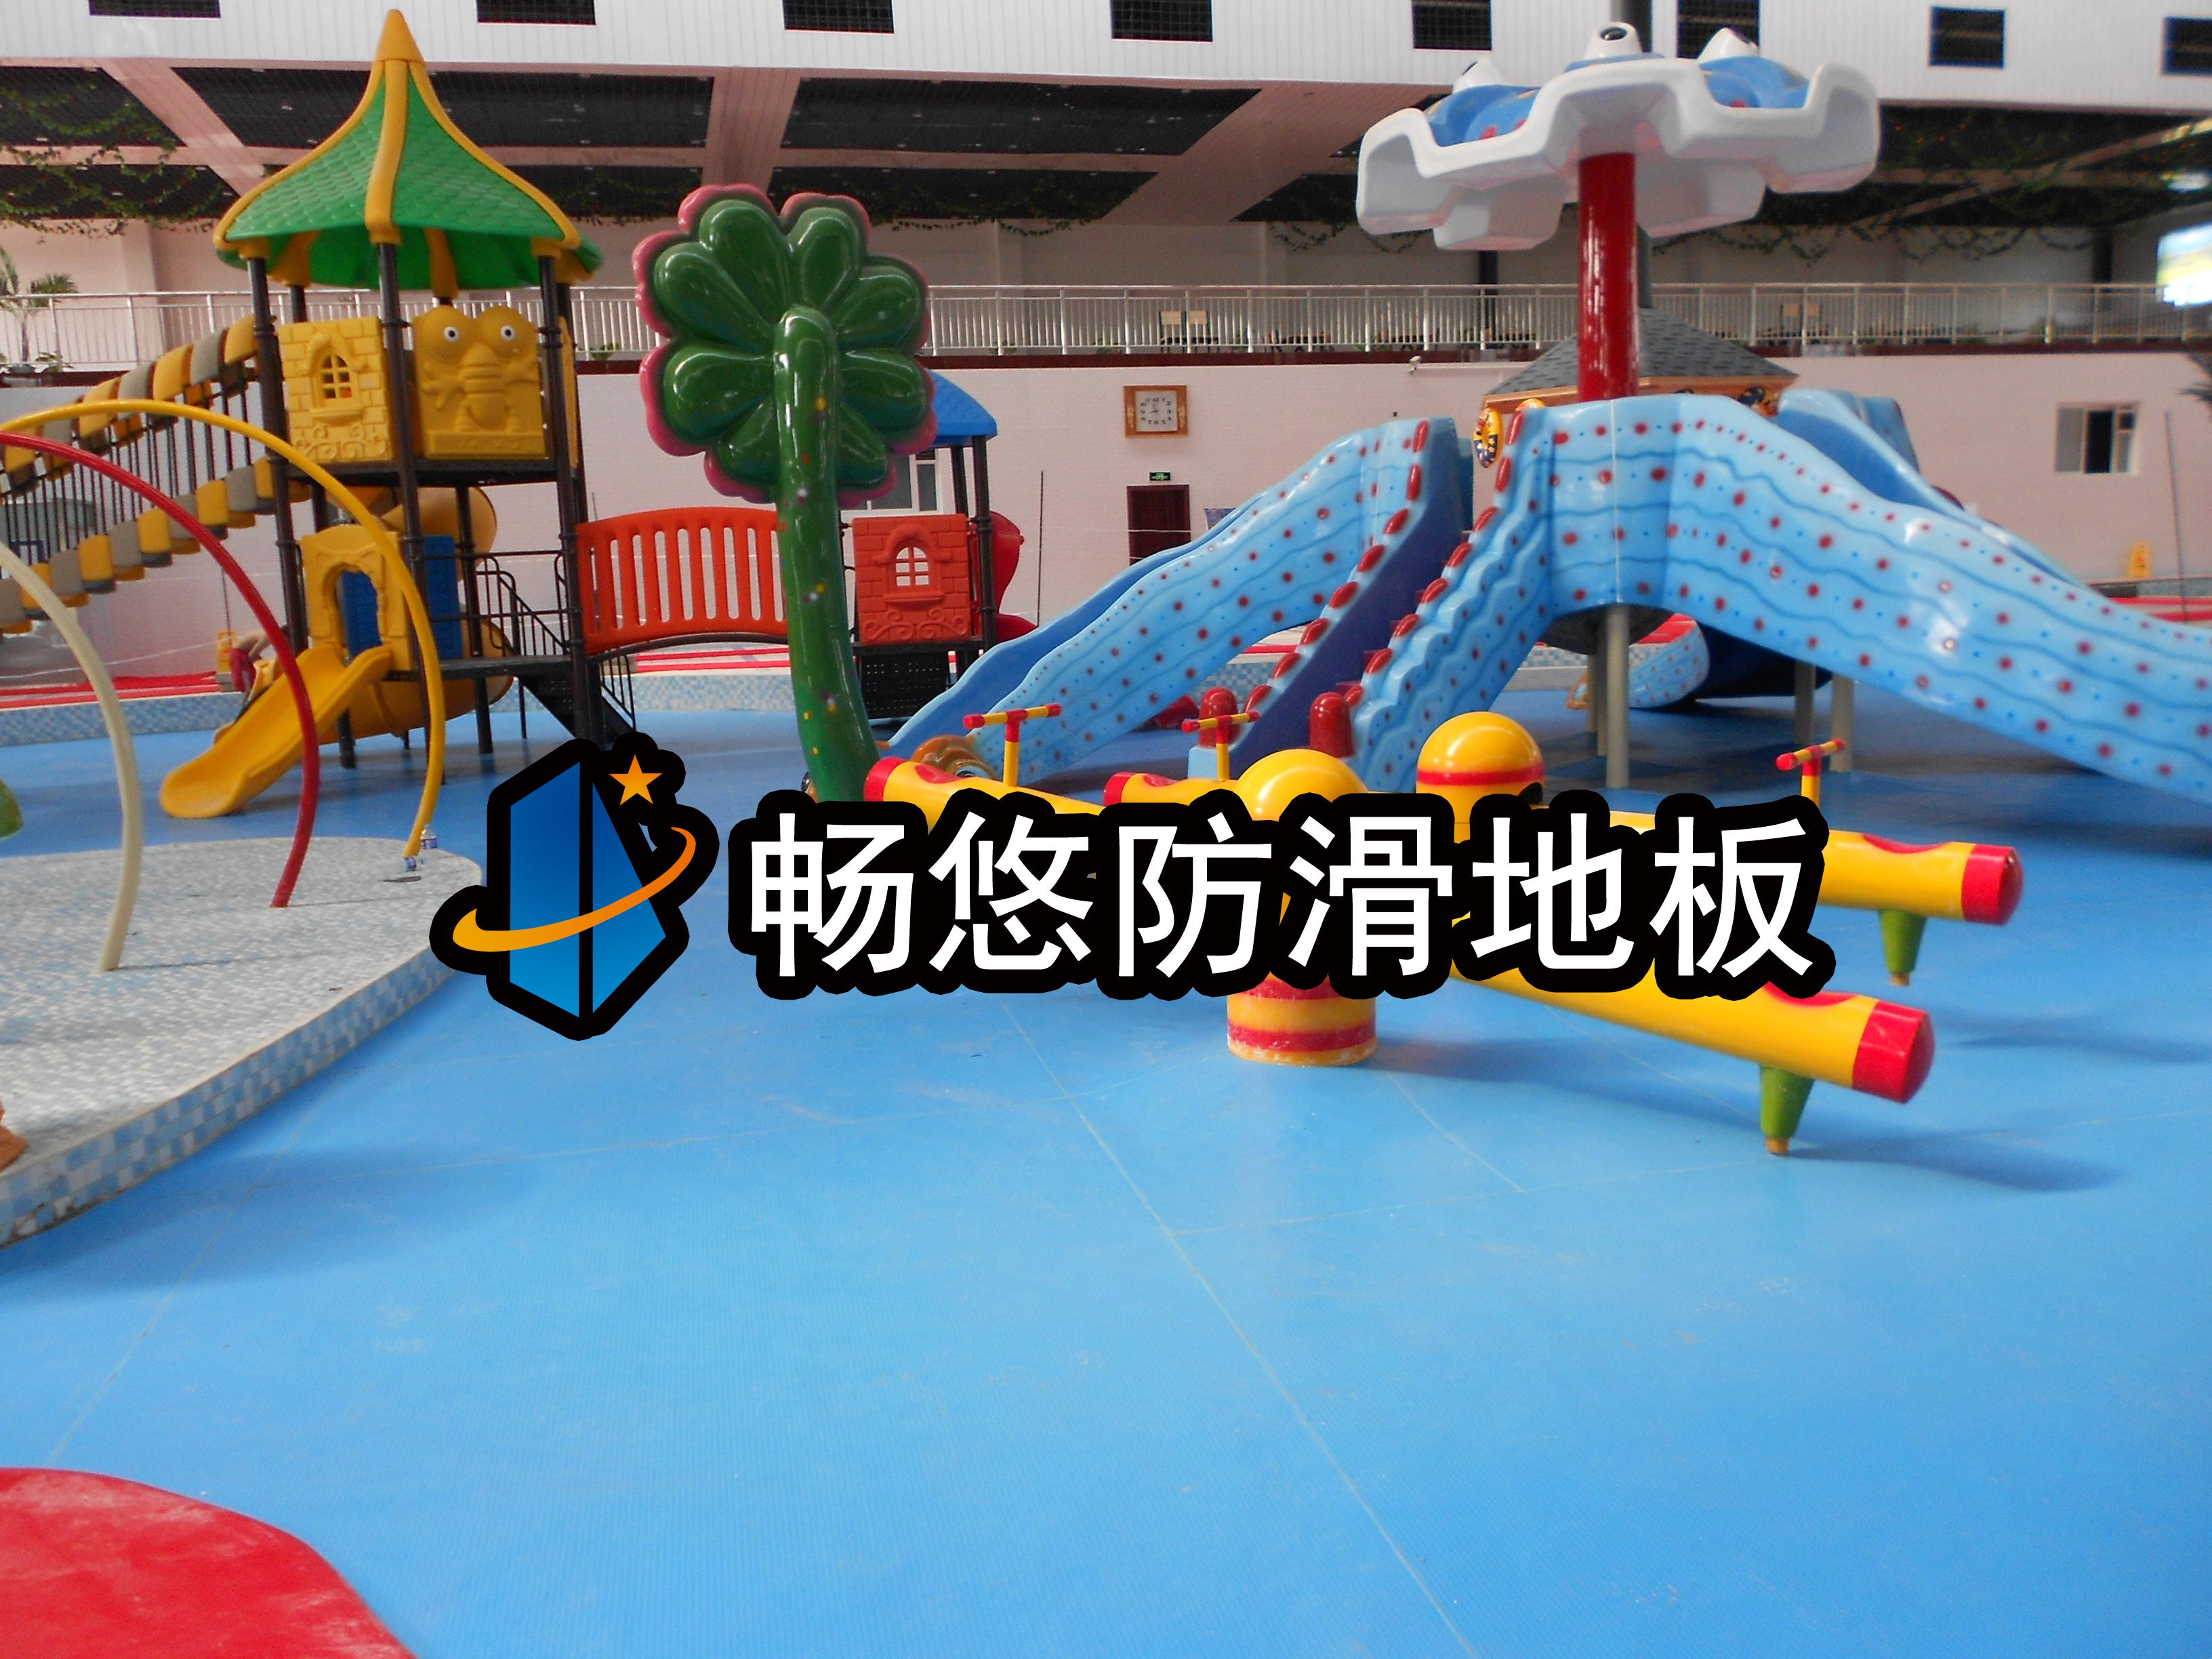 关注幼儿园活动地板安全 - 畅悠防滑地板及防水装饰胶